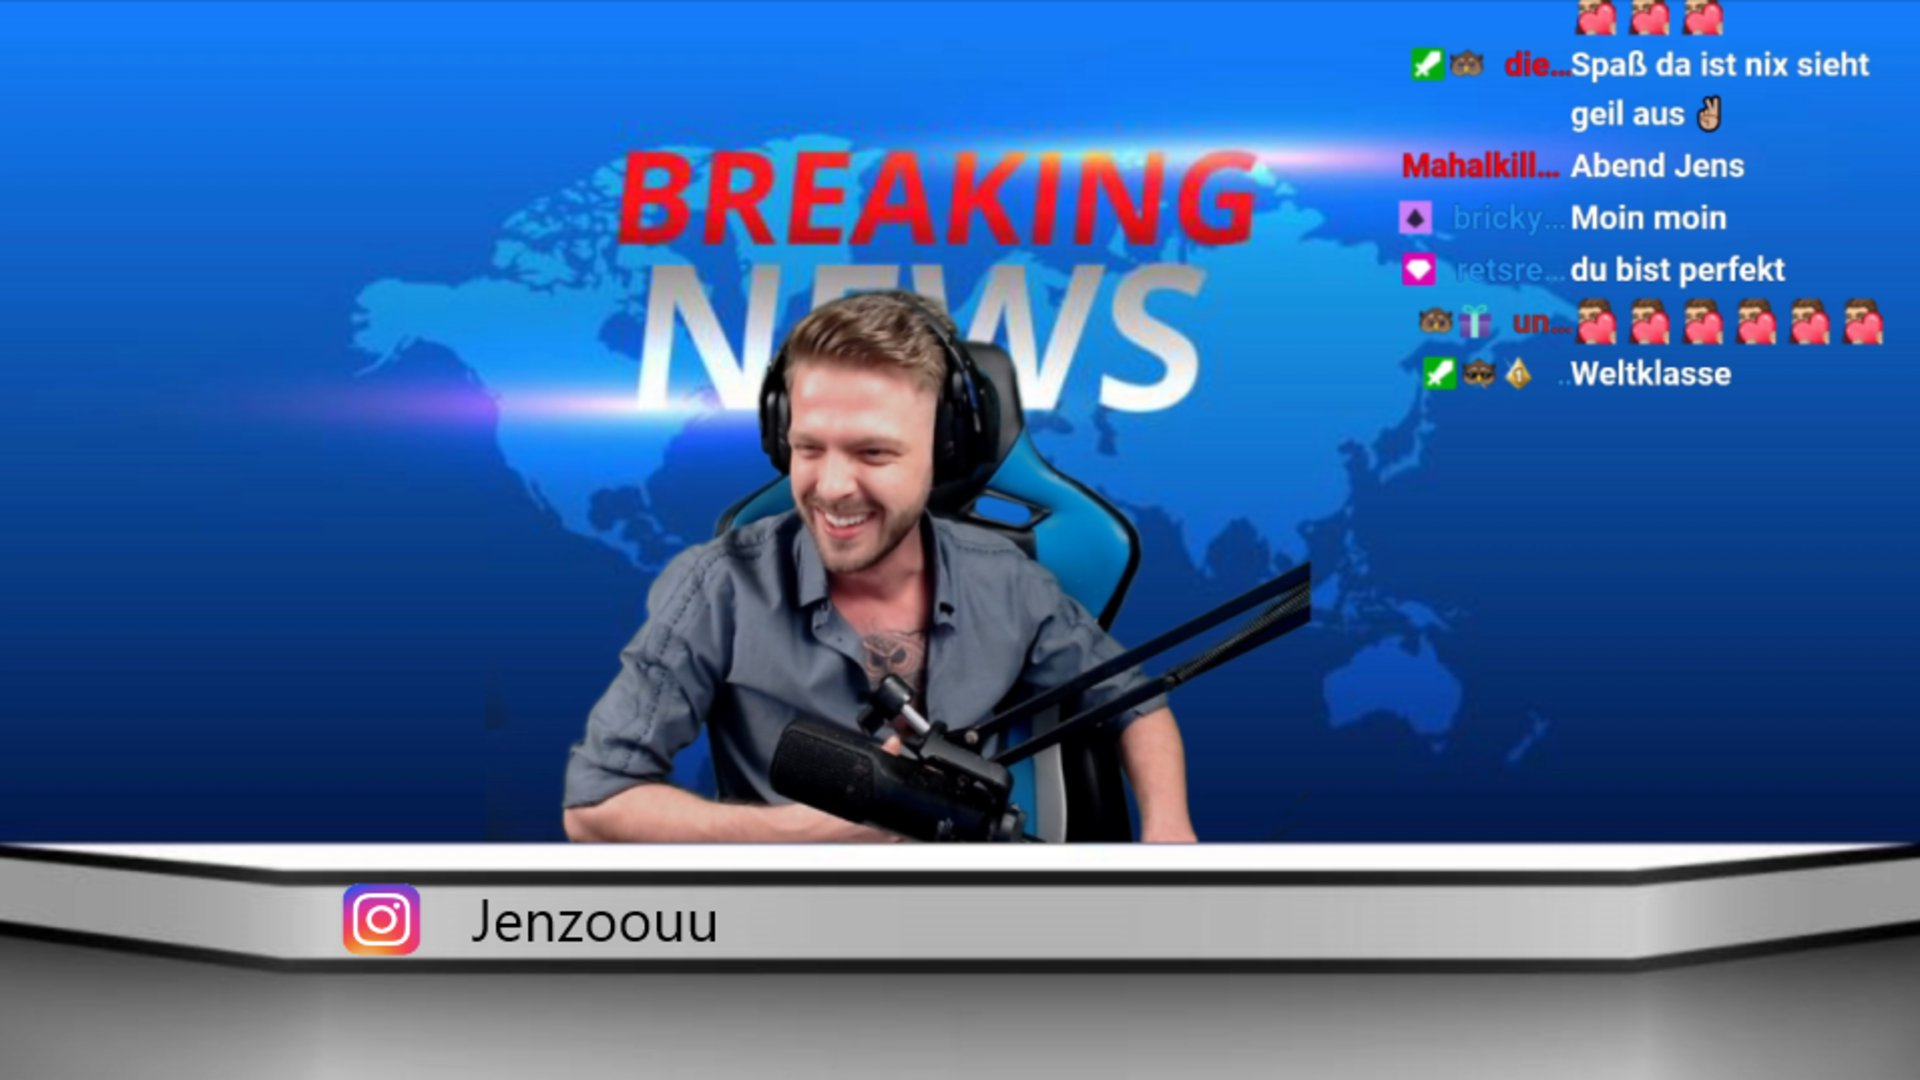 Twitch stream of Jenzoou